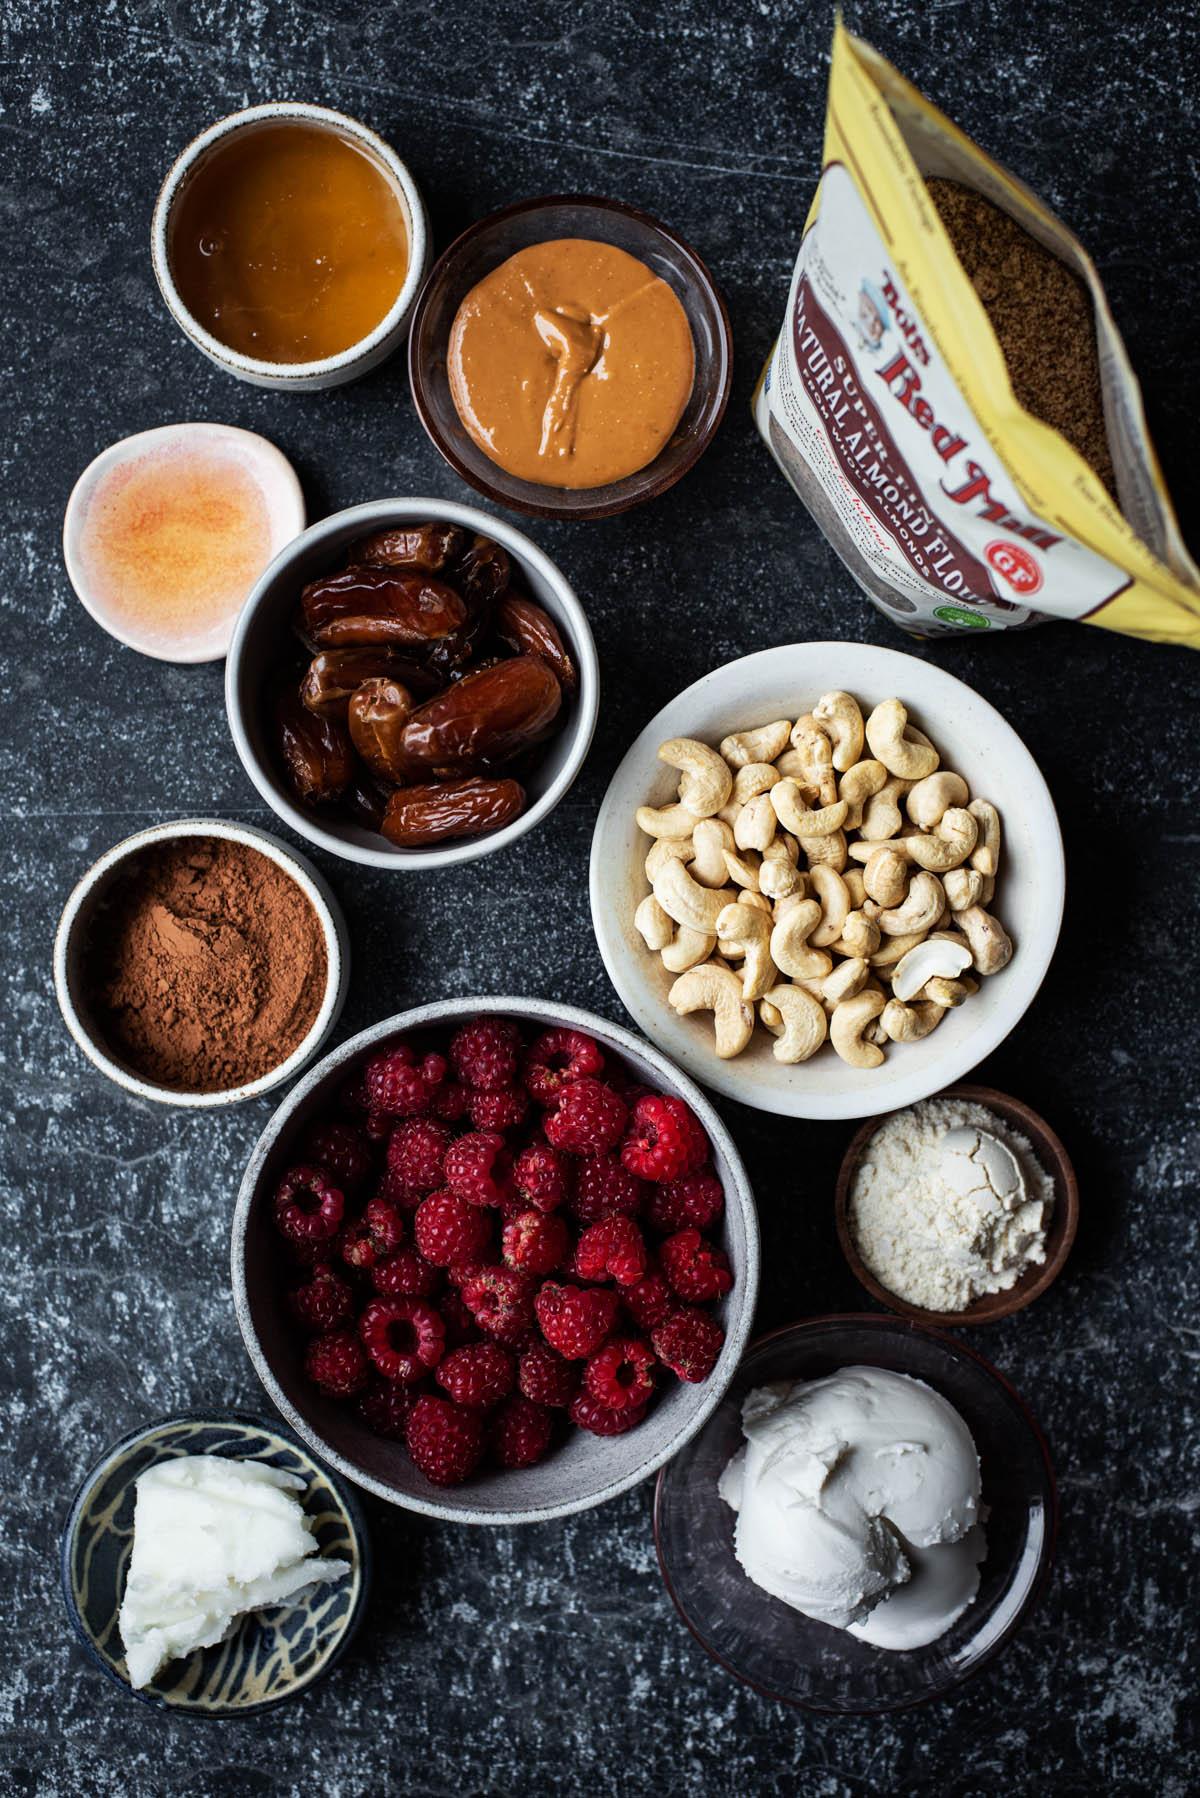 Gluten free ice cream sandwich ingredients.